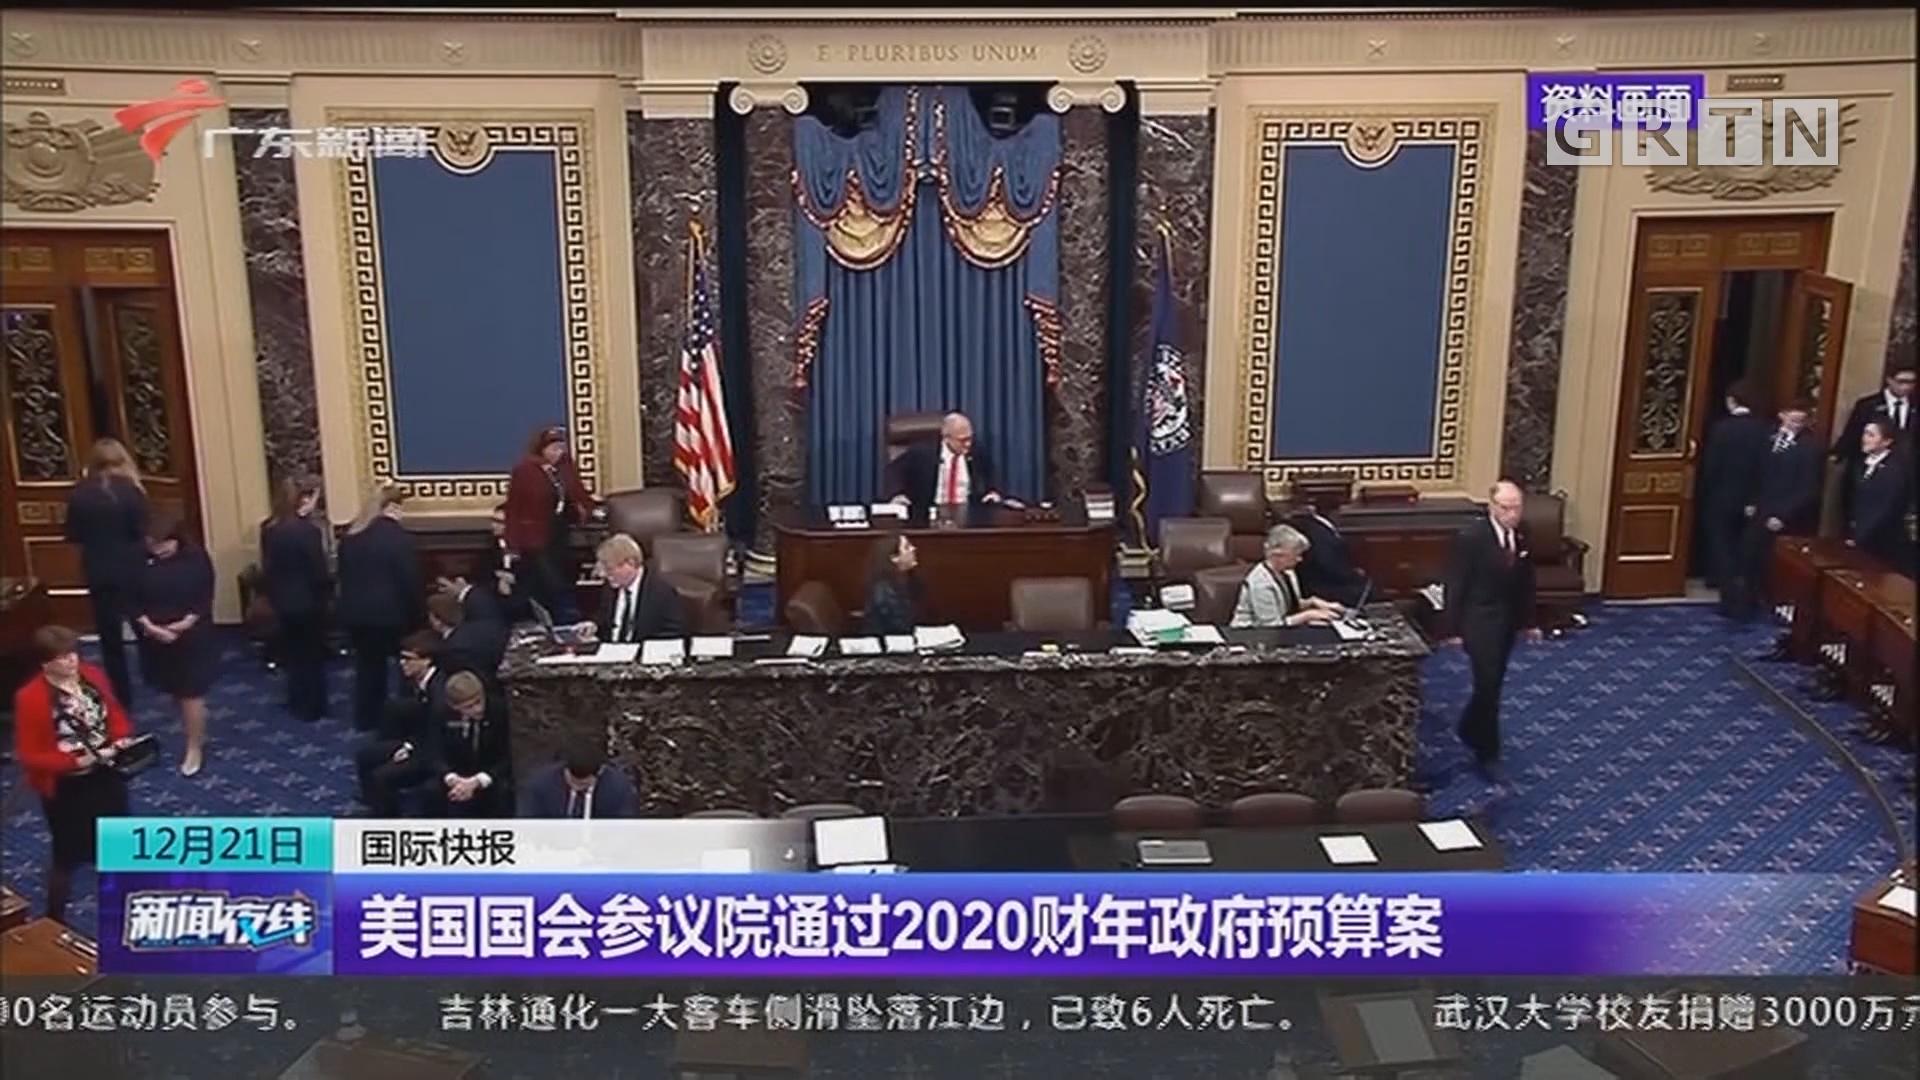 美国国会参议院通过2020财年政府预算案